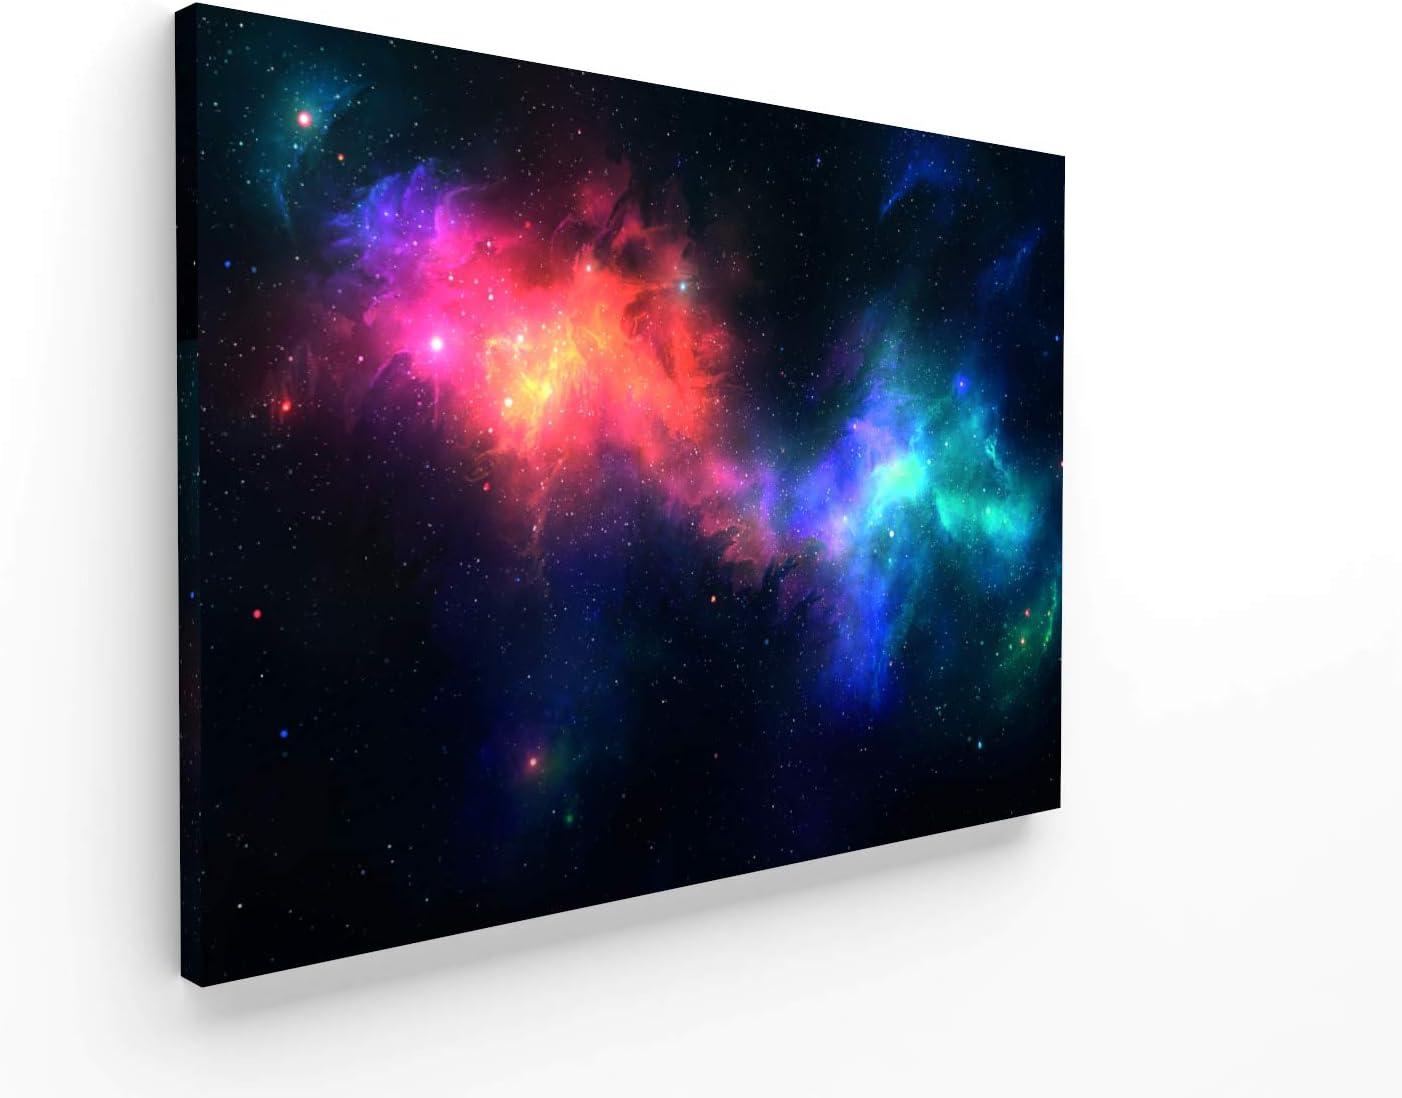 Panorama Poster N/ébuleuse 30x21cm D/écoration Murale Affiche Noir et Blanc Imprim/ée sur Poster de Haute qualit/é de 250gr Espace Affiche Tableau Poster Galaxie